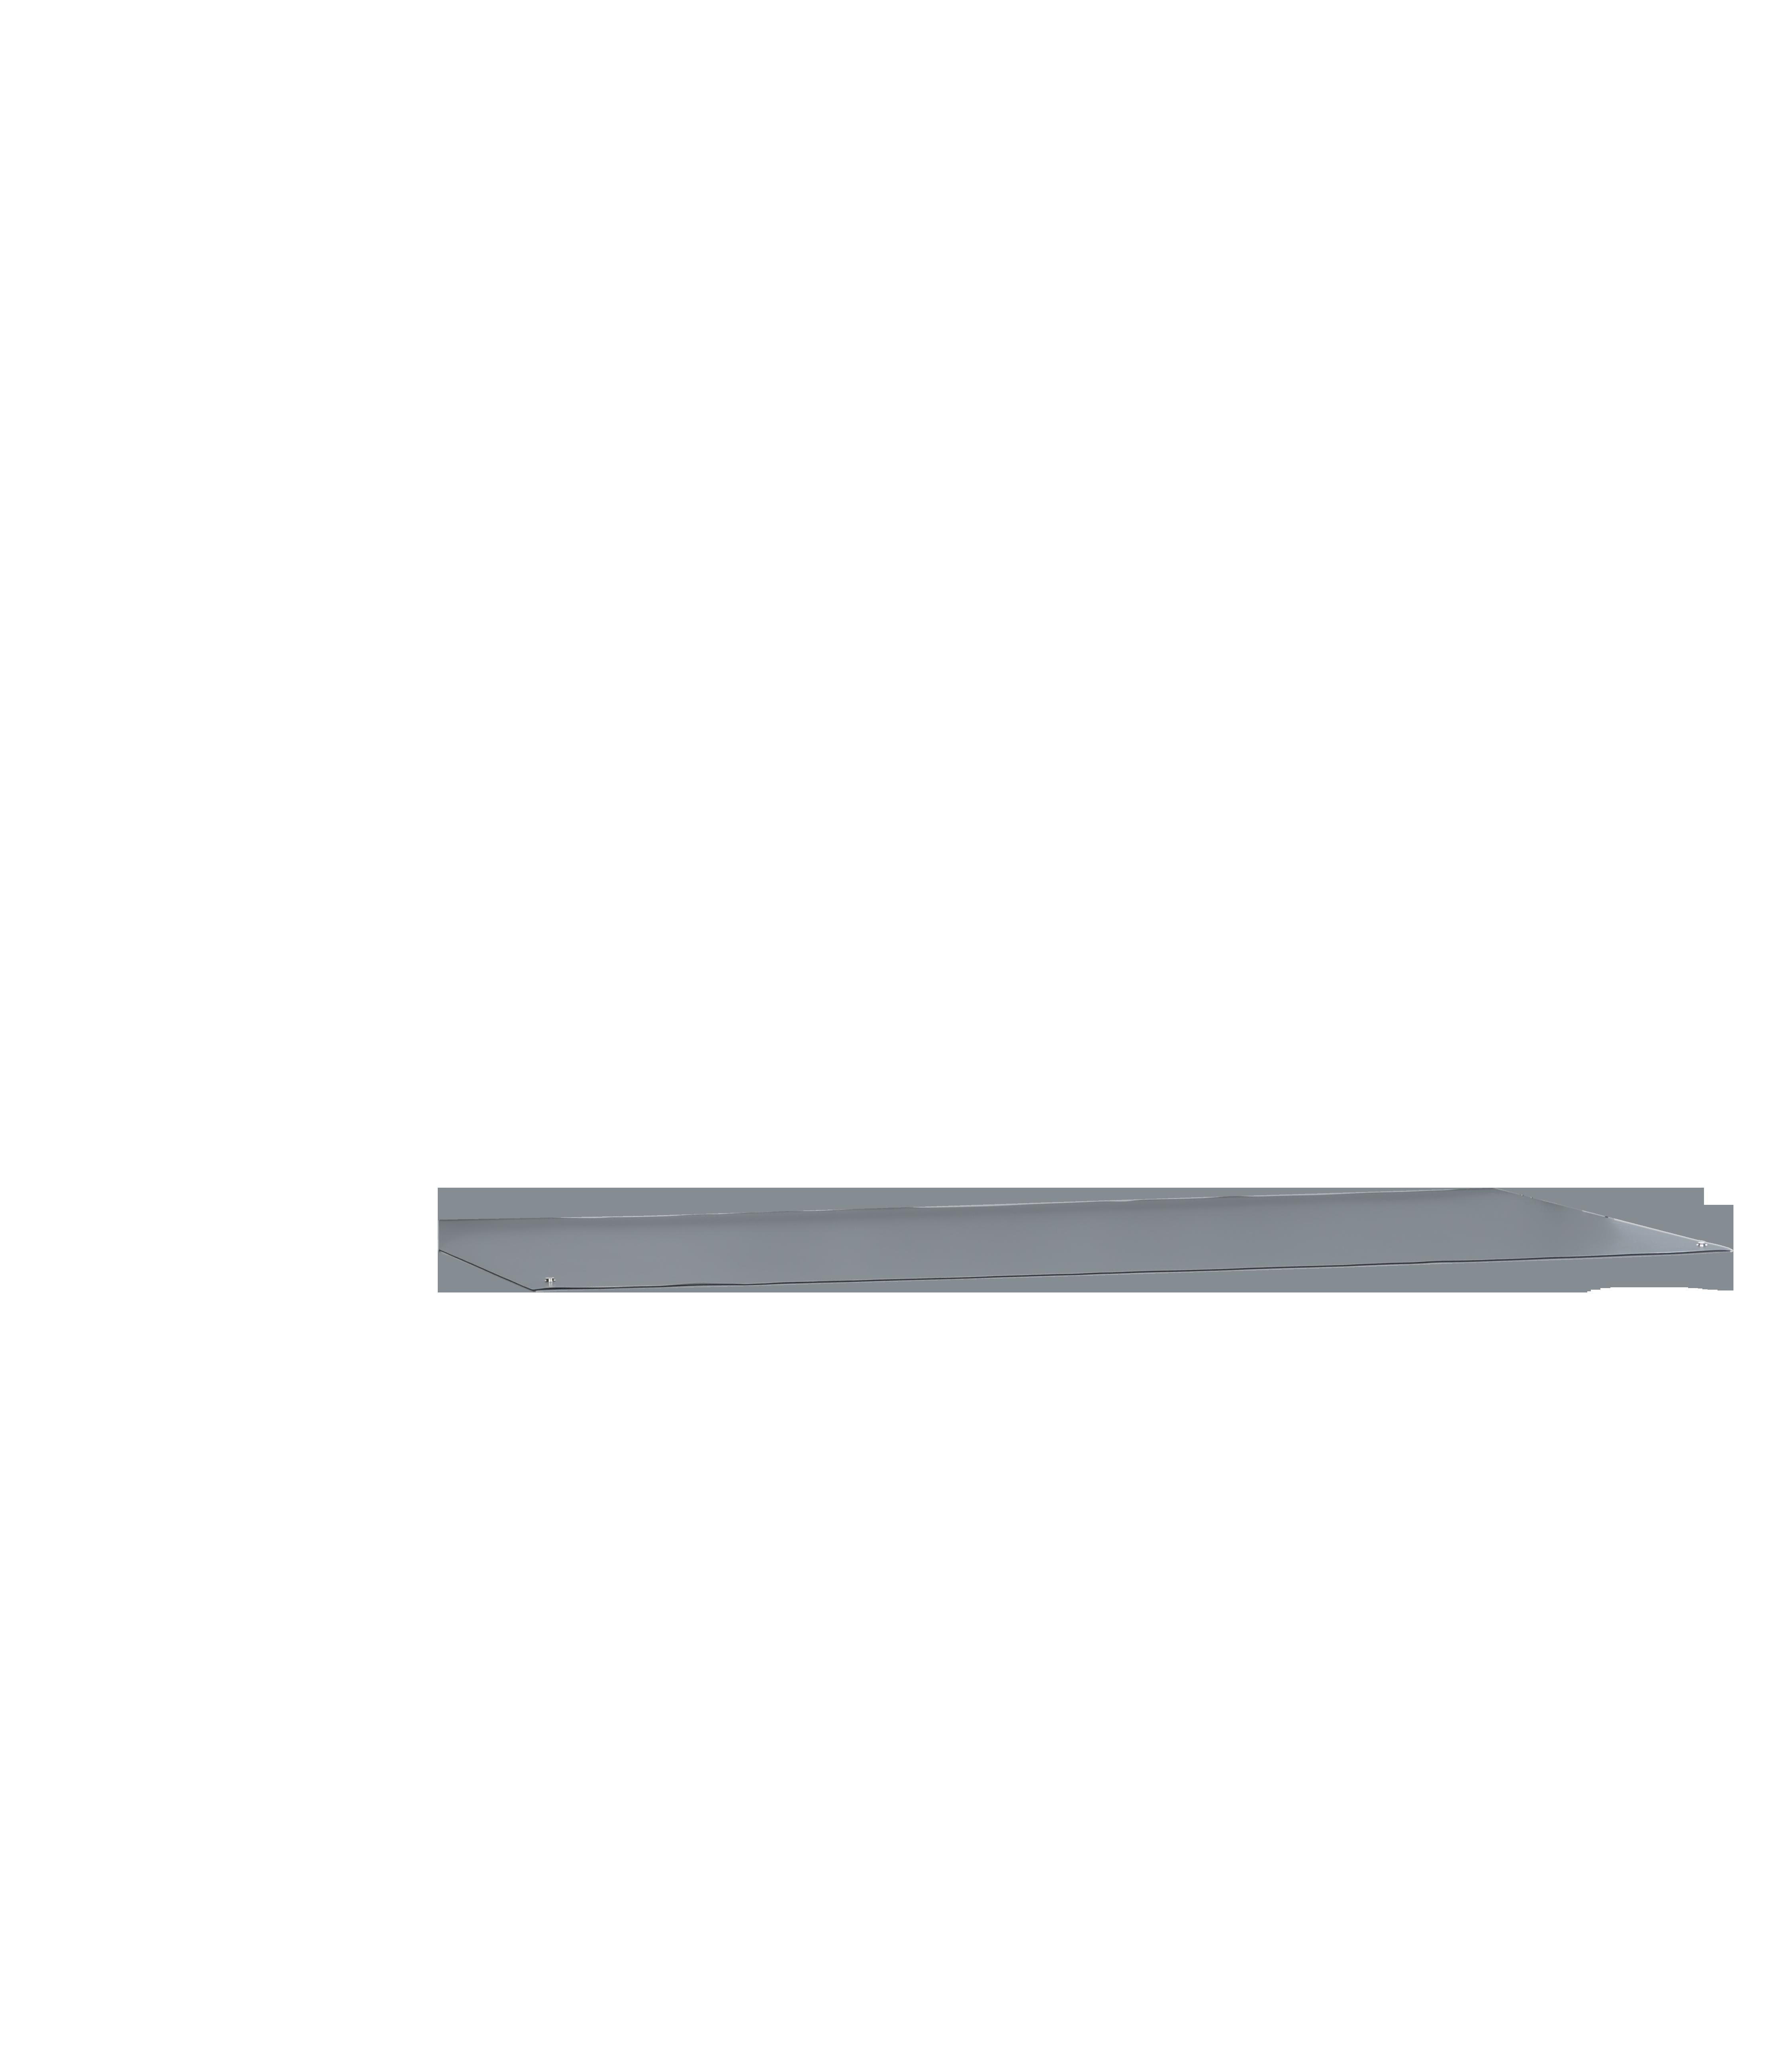 משטח גומי אנטי סטטי דו שכבתי בגוון אפור כולל חיבורי הארקה